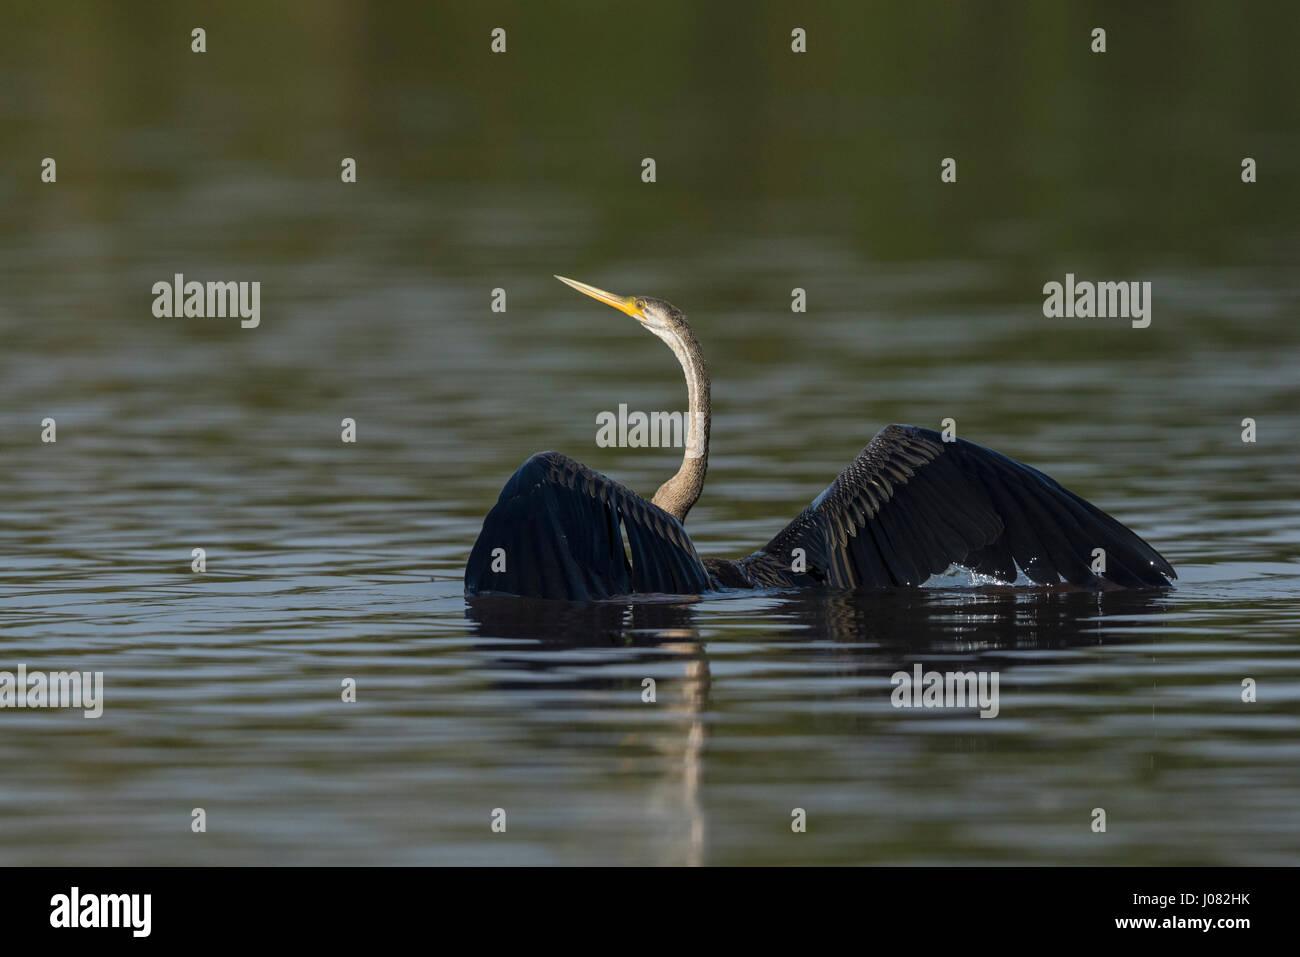 Oriental Darter (Anhinga melanogaster), Prek Toal, Tonle Sap, Cambodia - Stock Image